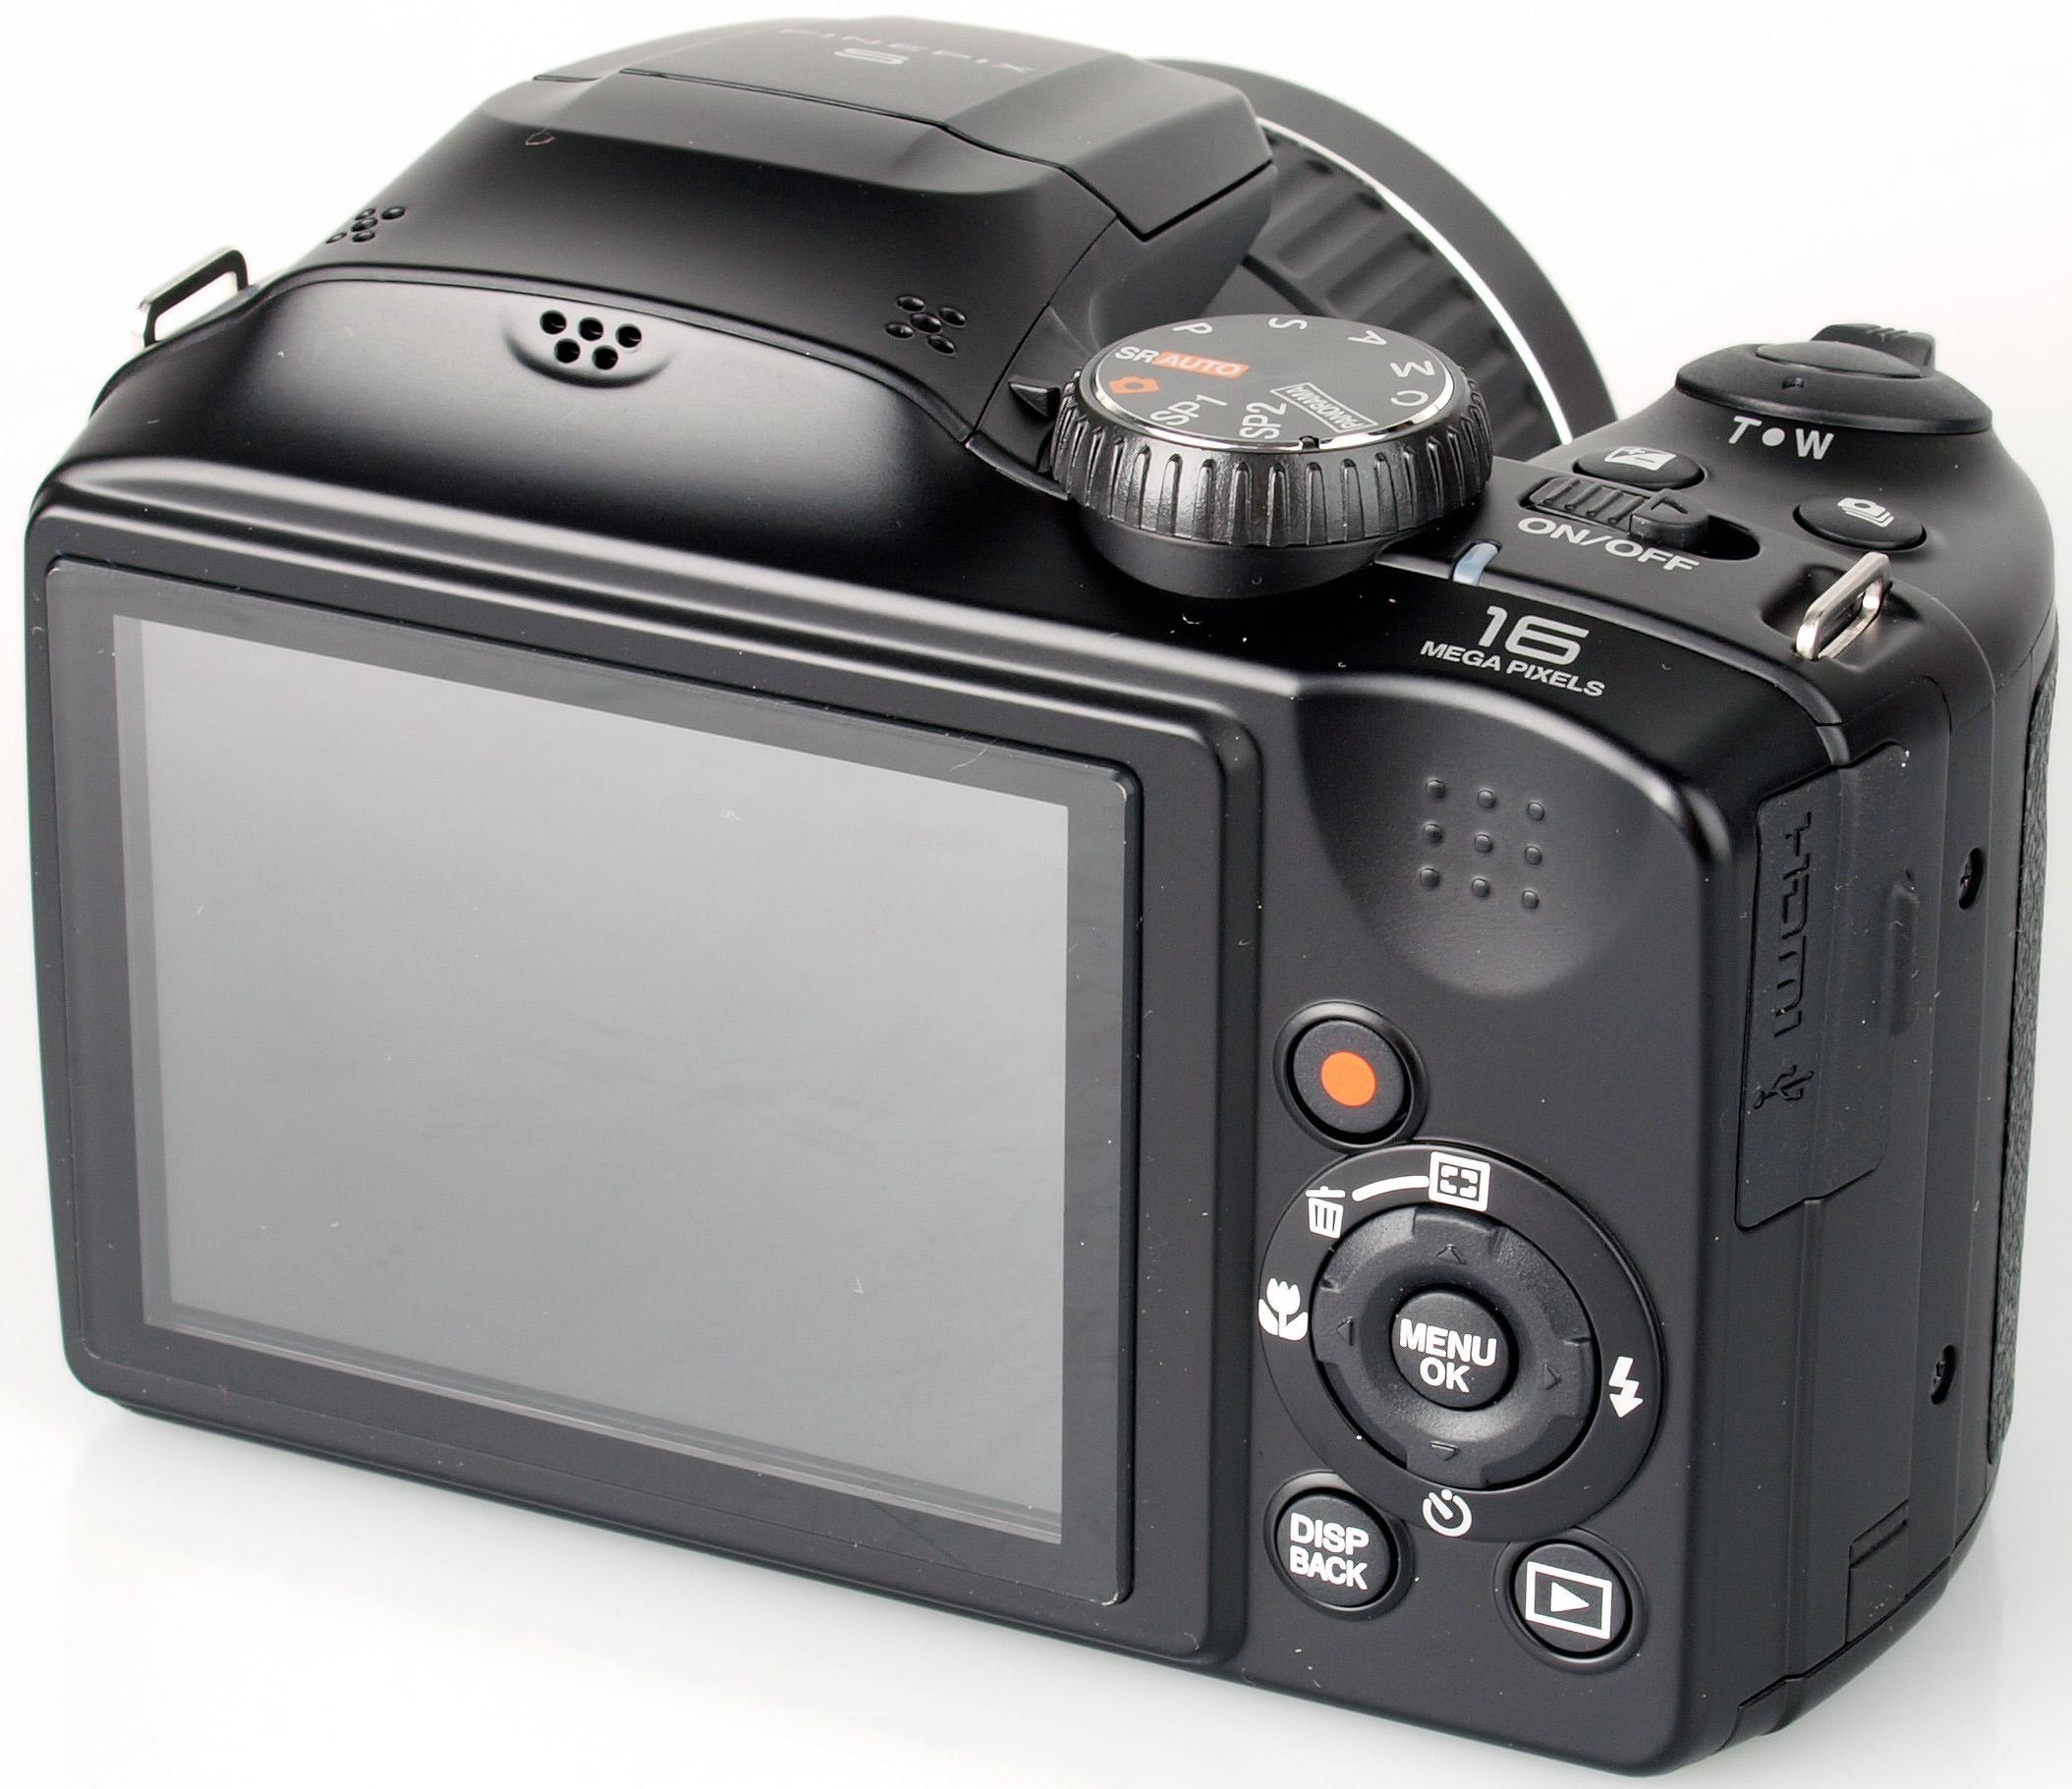 Camera Fujifilm S 4800 Preto No Paraguai